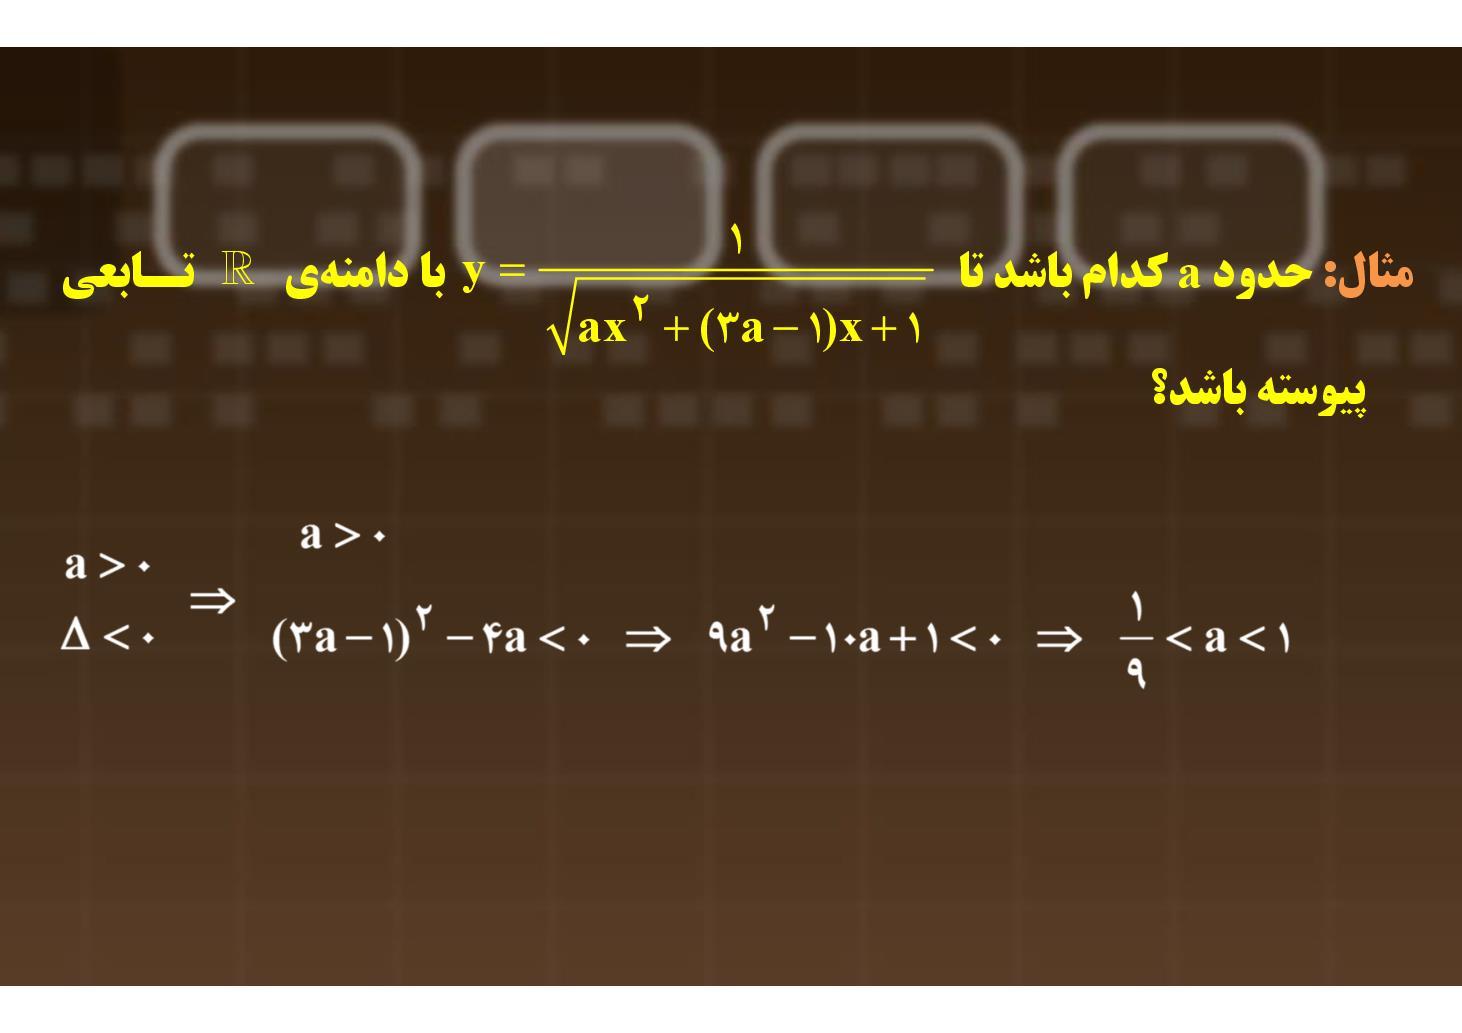 حسابان- فصل ۴- پیوستگی توابع- بخش ۴ (PDF)